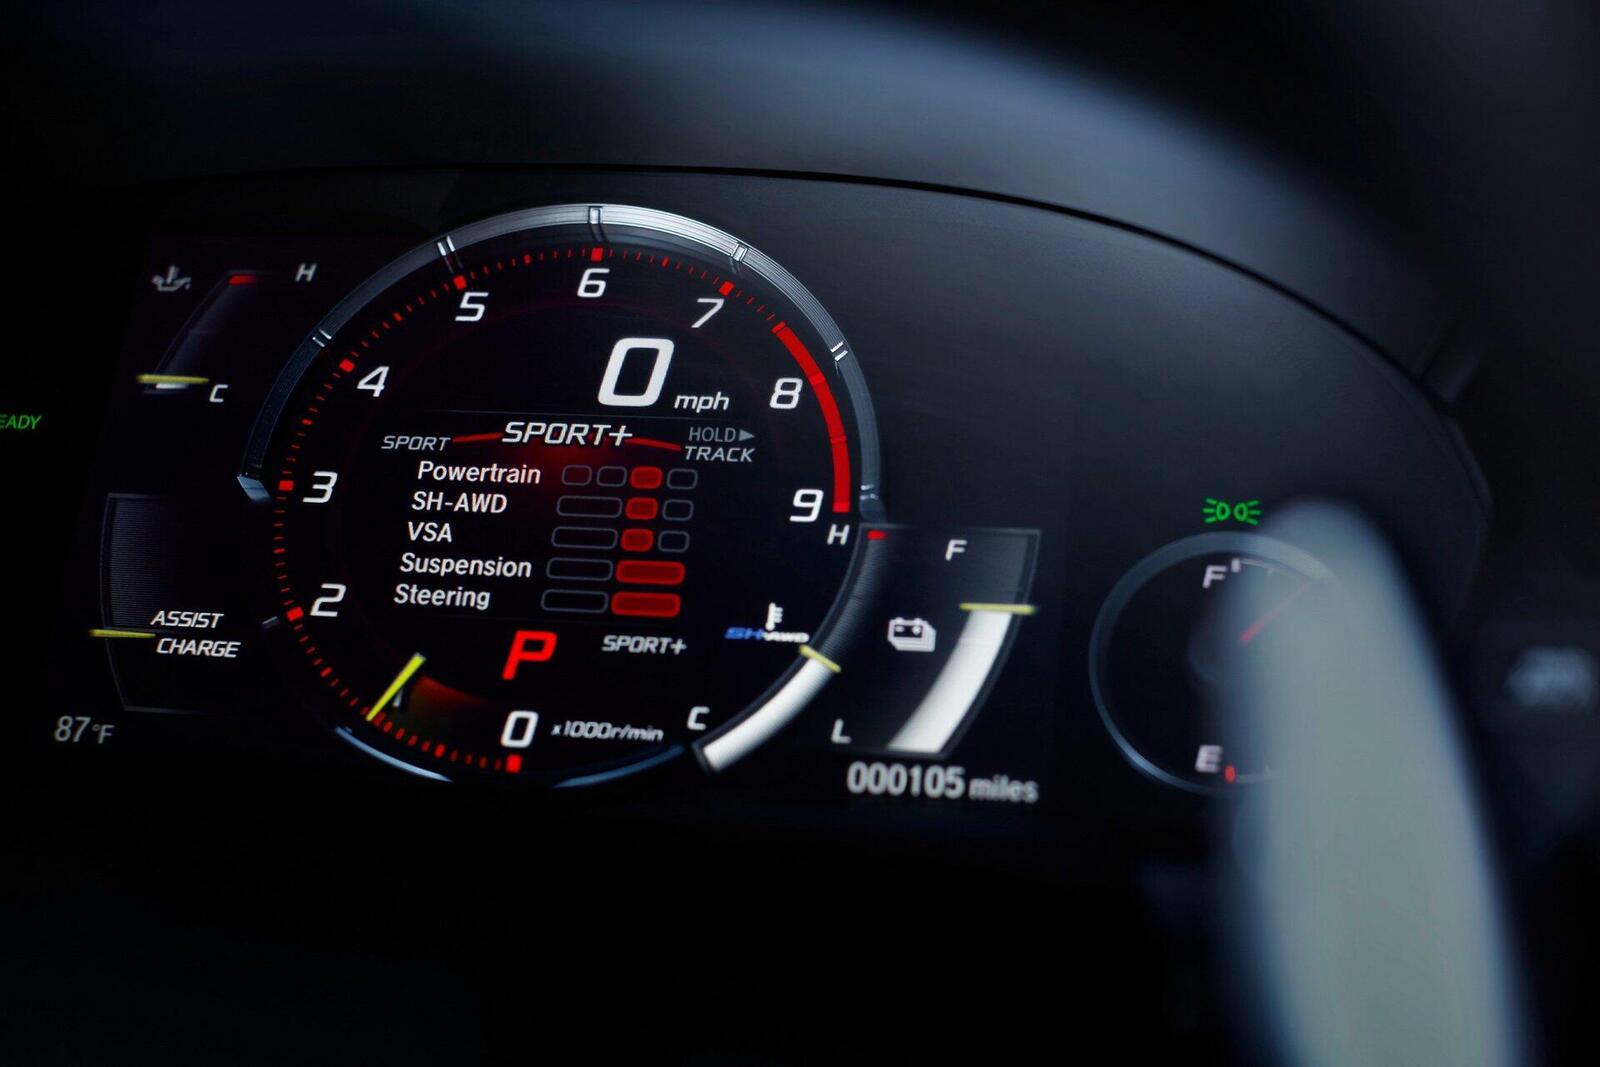 Siêu xe Acura NSX 2019 động cơ hybrid chốt giá từ 157.500 USD - Hình 11